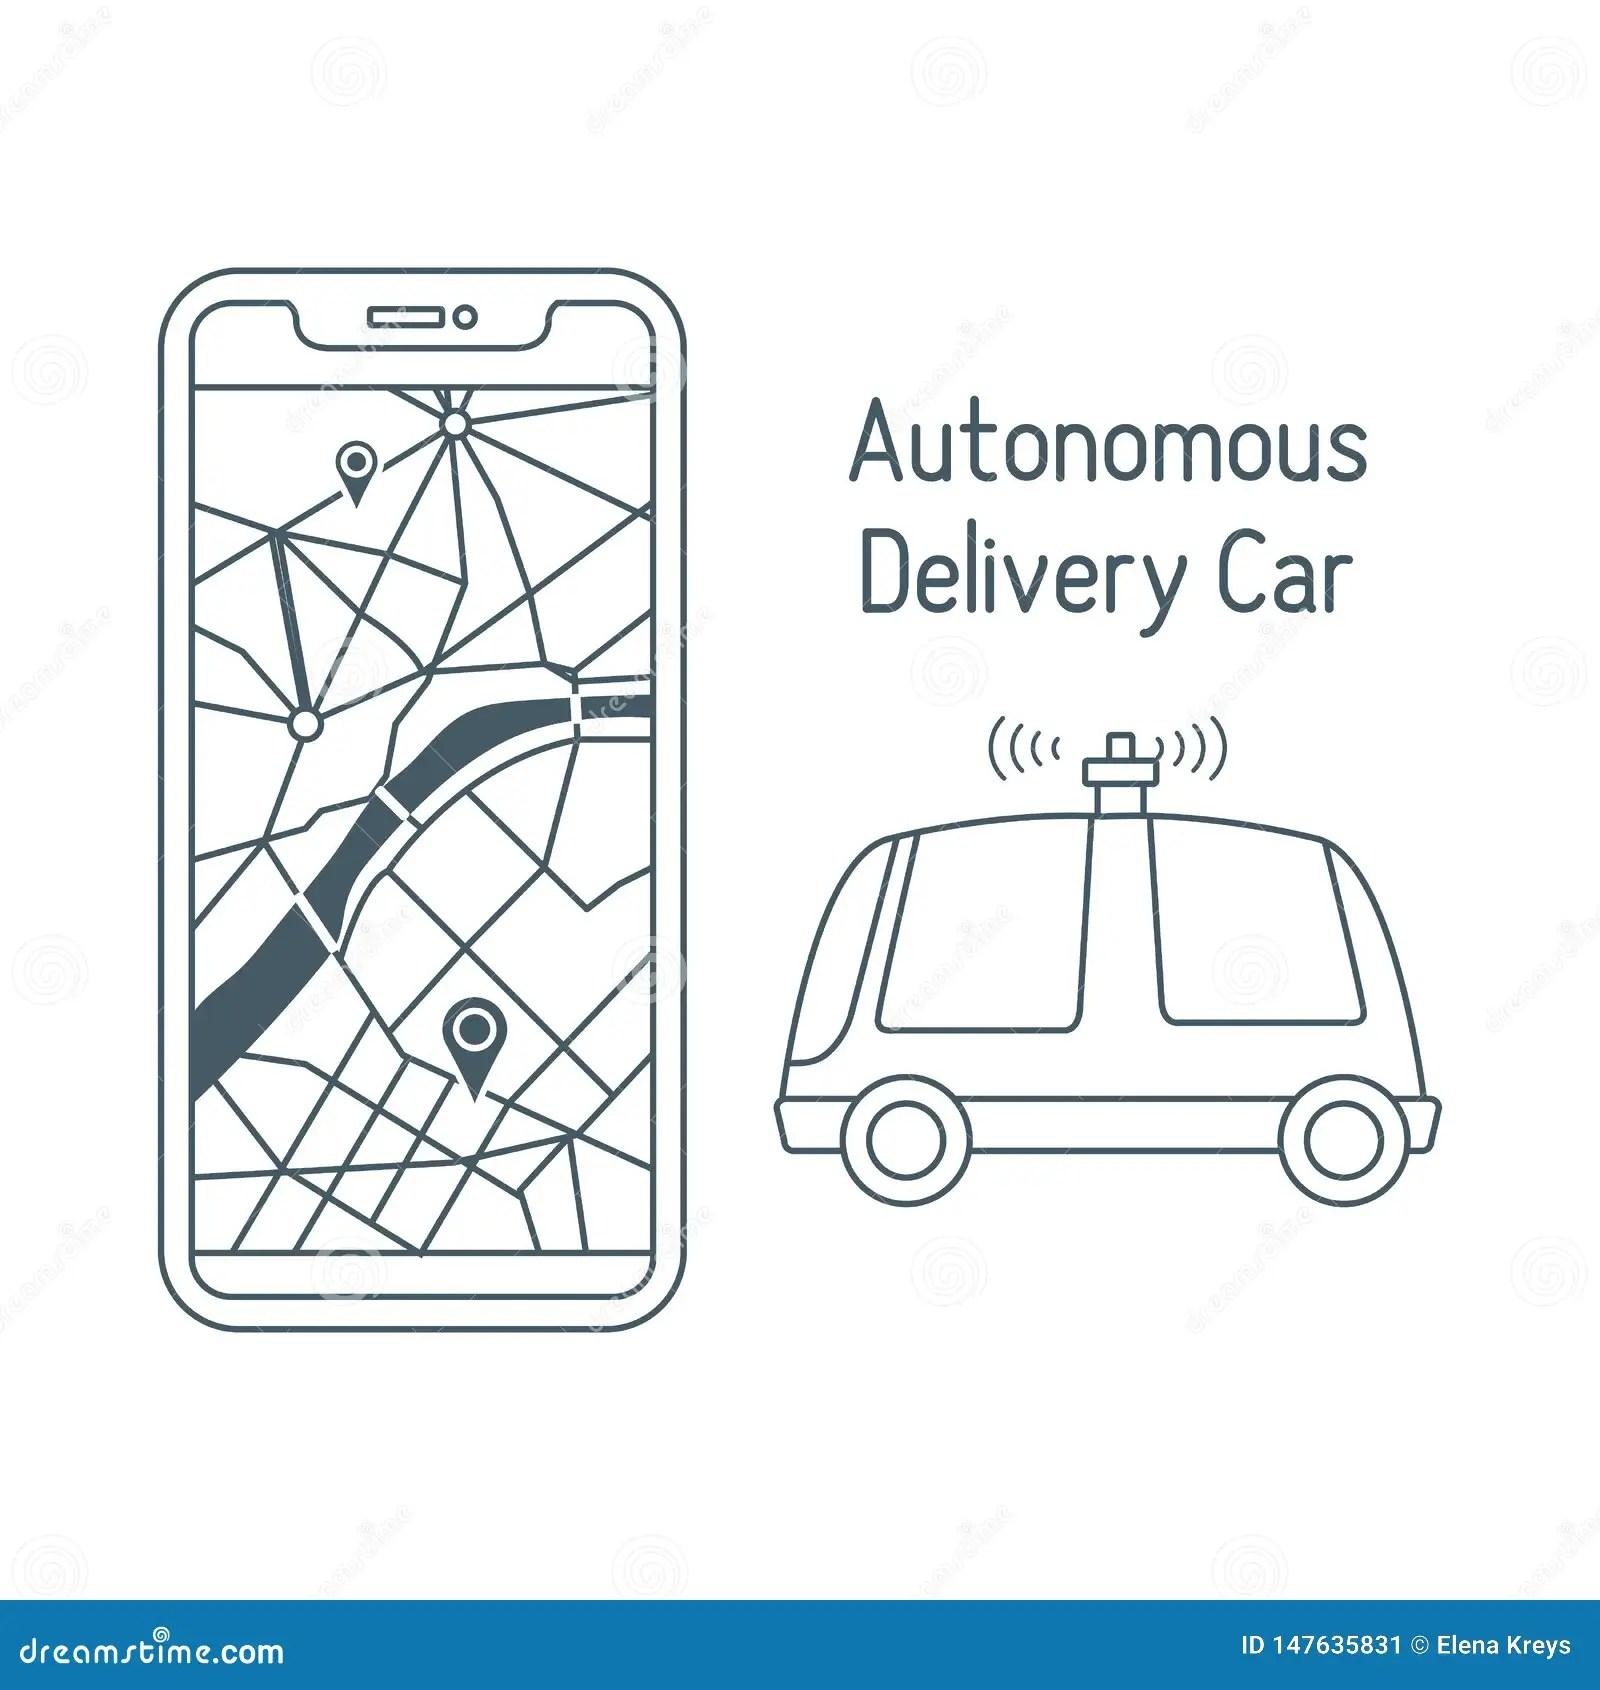 Autonomous Delivery Car Navigation Remote Control Stock